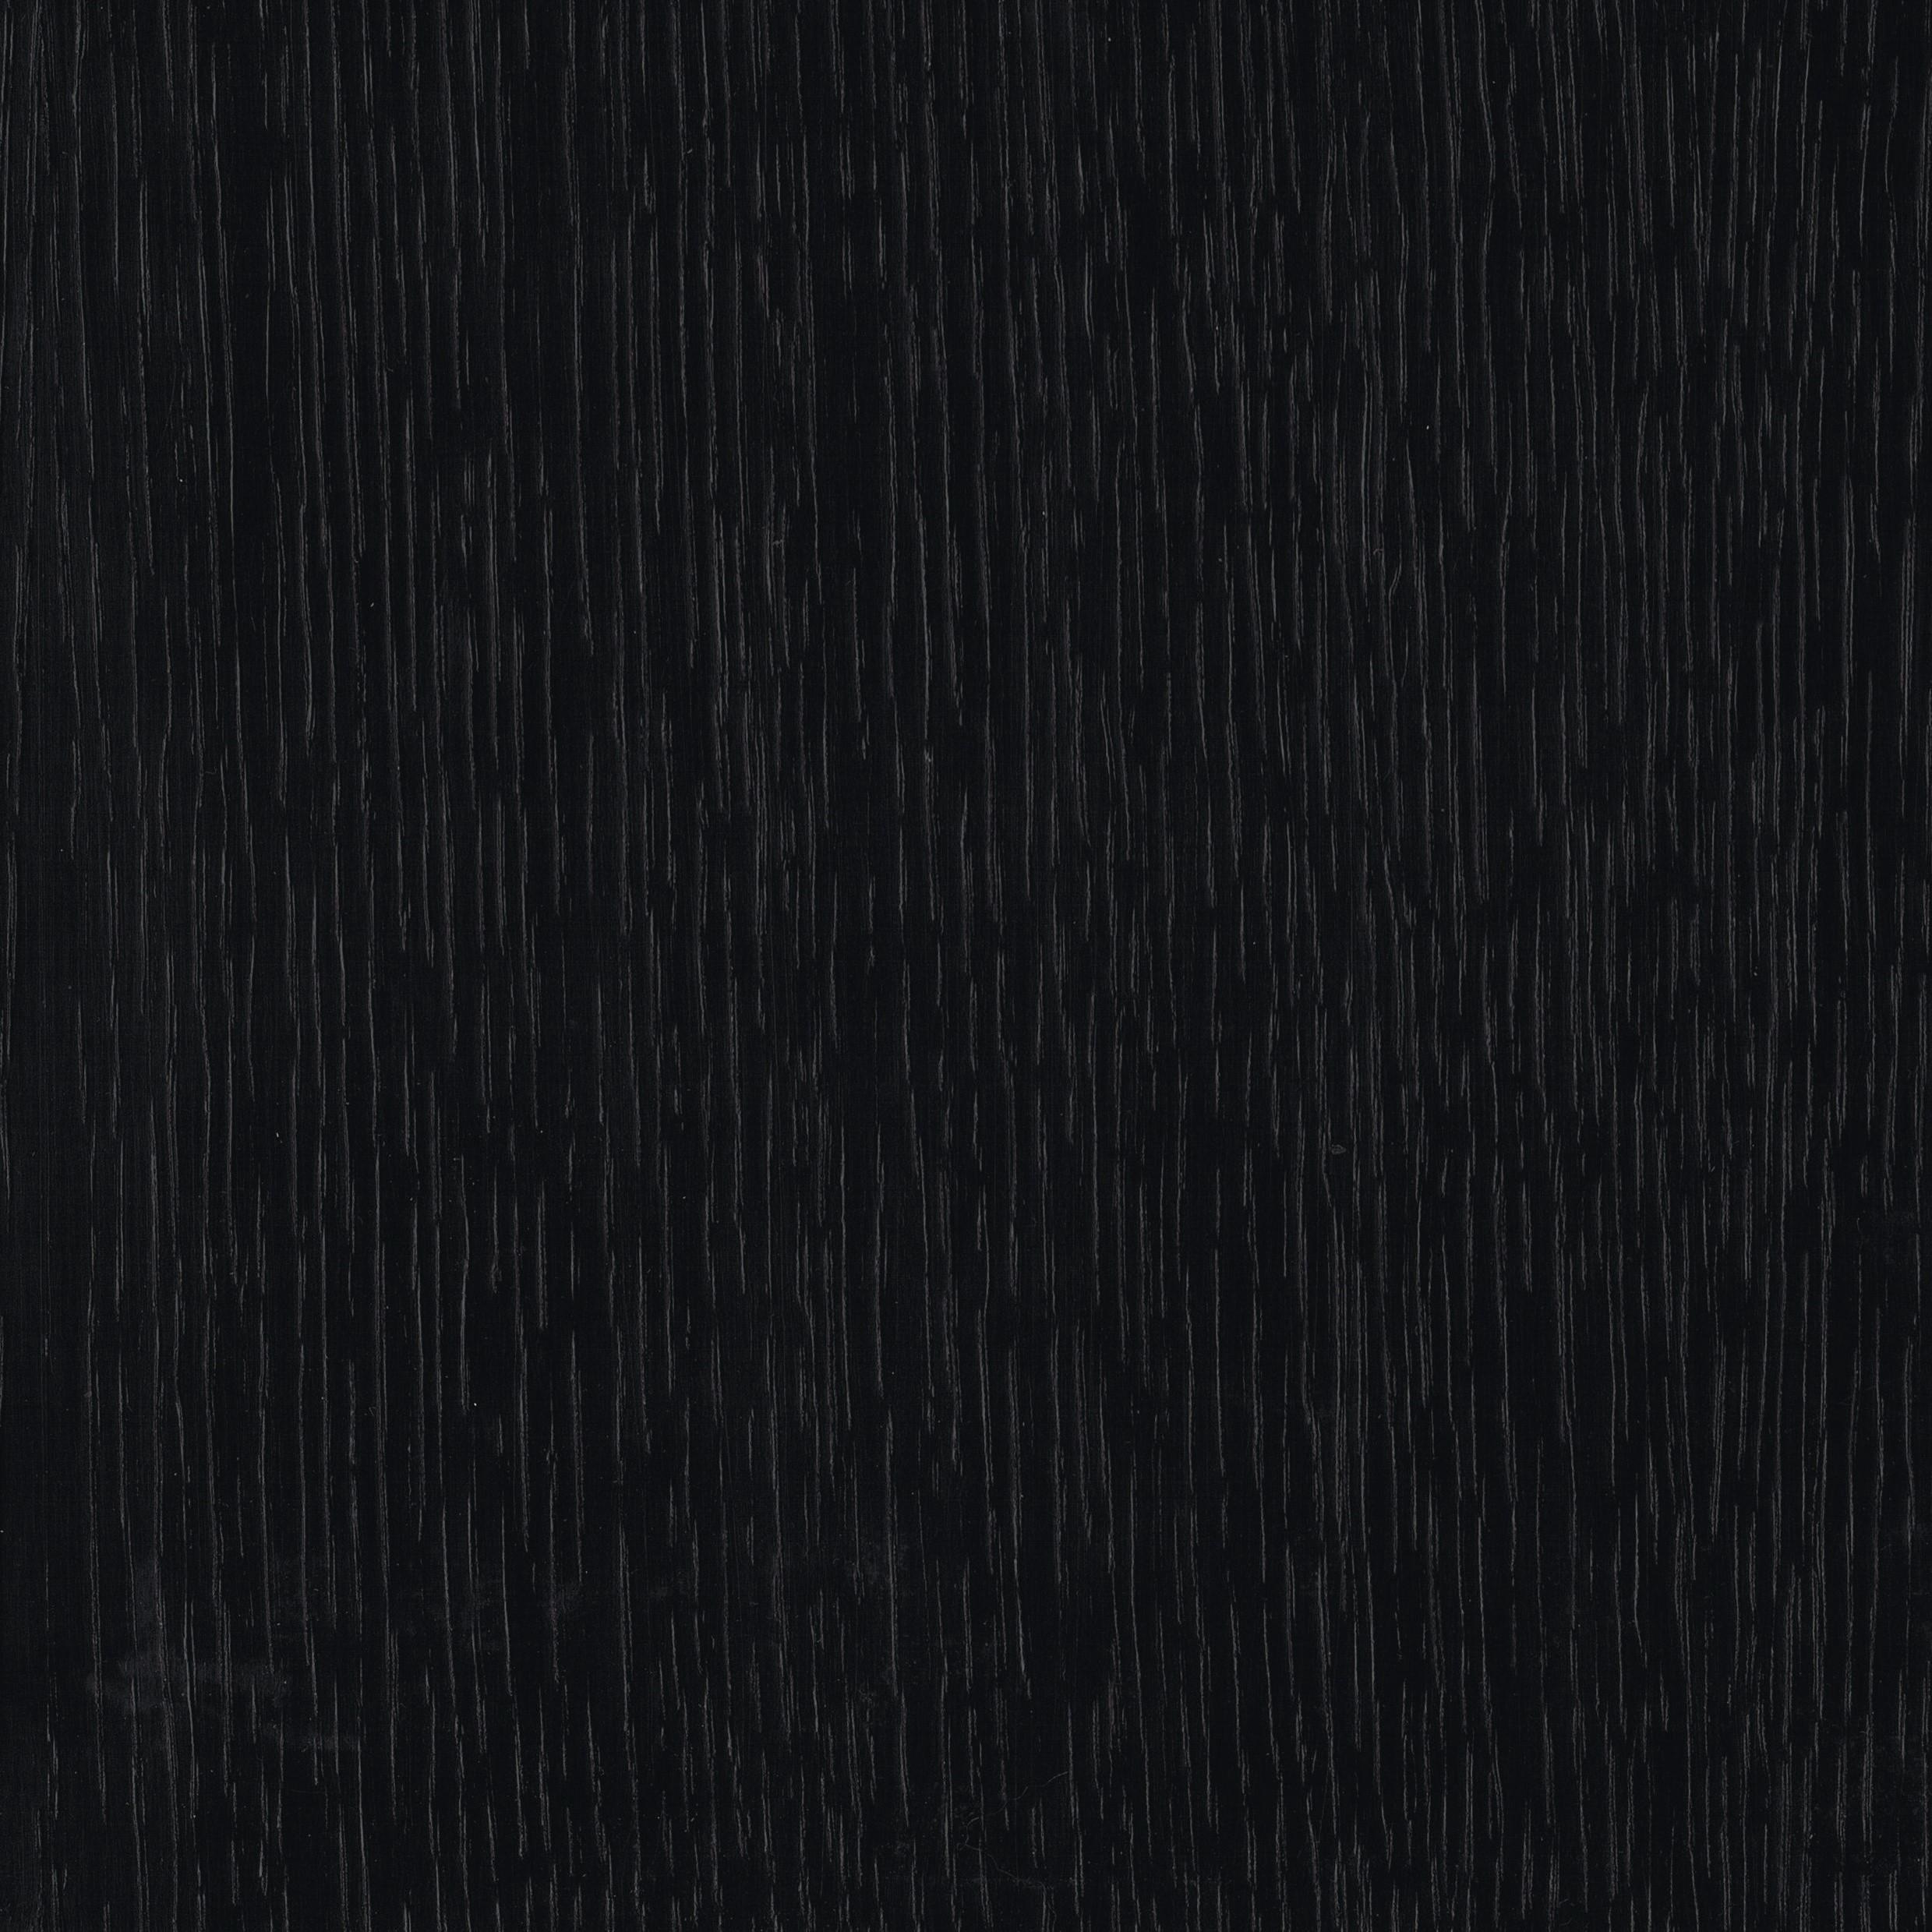 WD-1 Black Oak